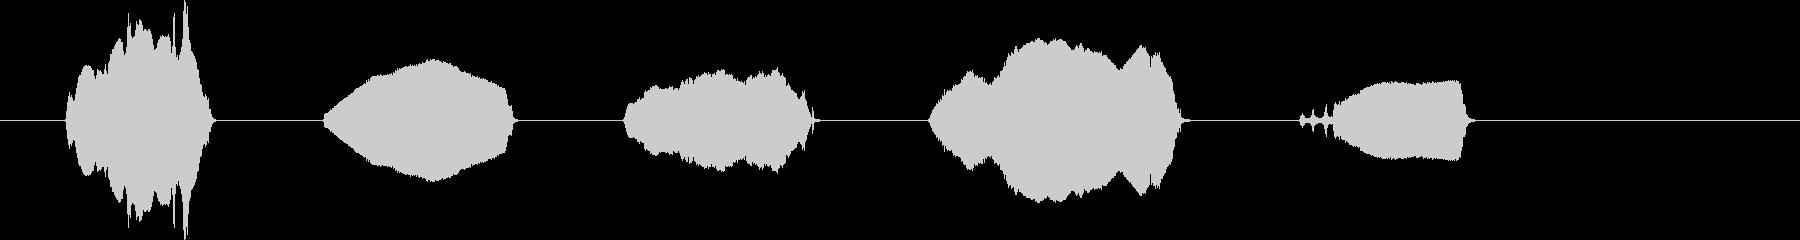 ラマコール。 2つのラマ、複数のコ...の未再生の波形